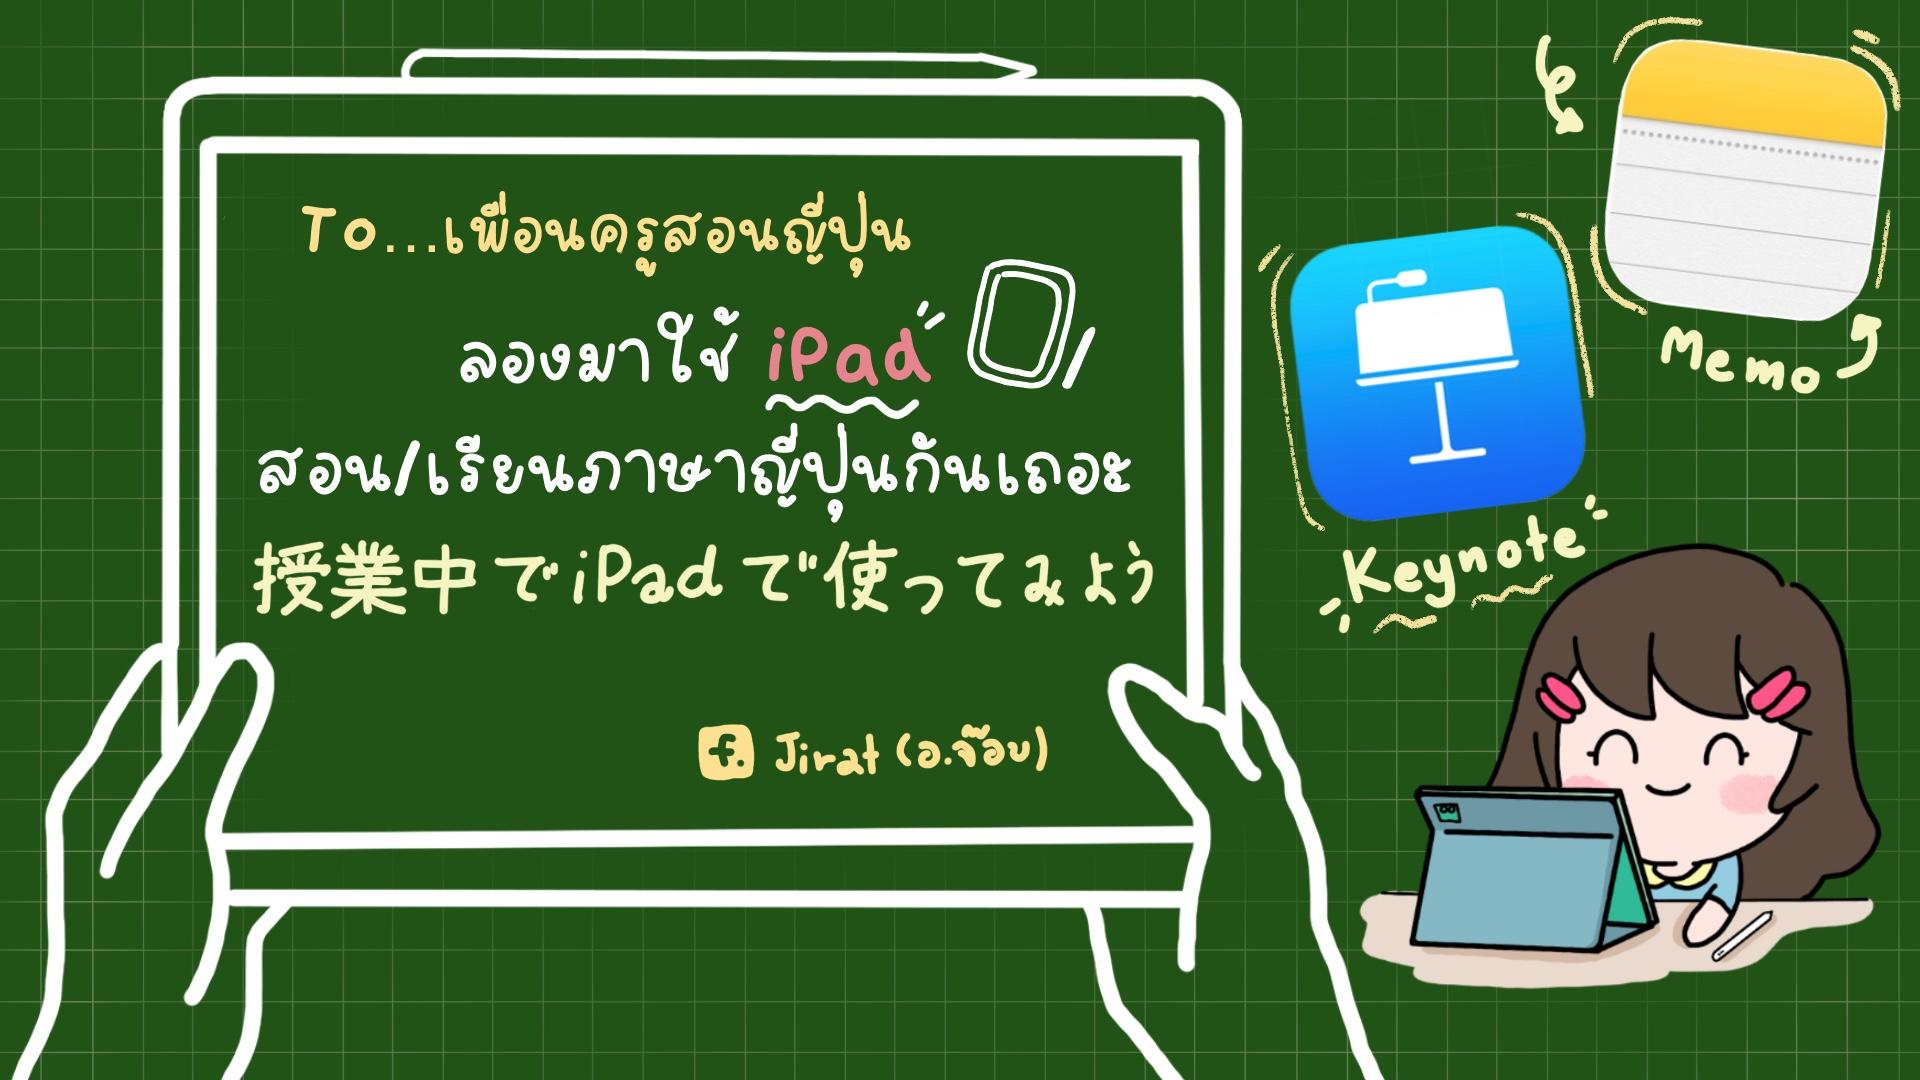 ภาพประกอบไอเดีย Ipad で...を使って日本語を教える時に楽です。